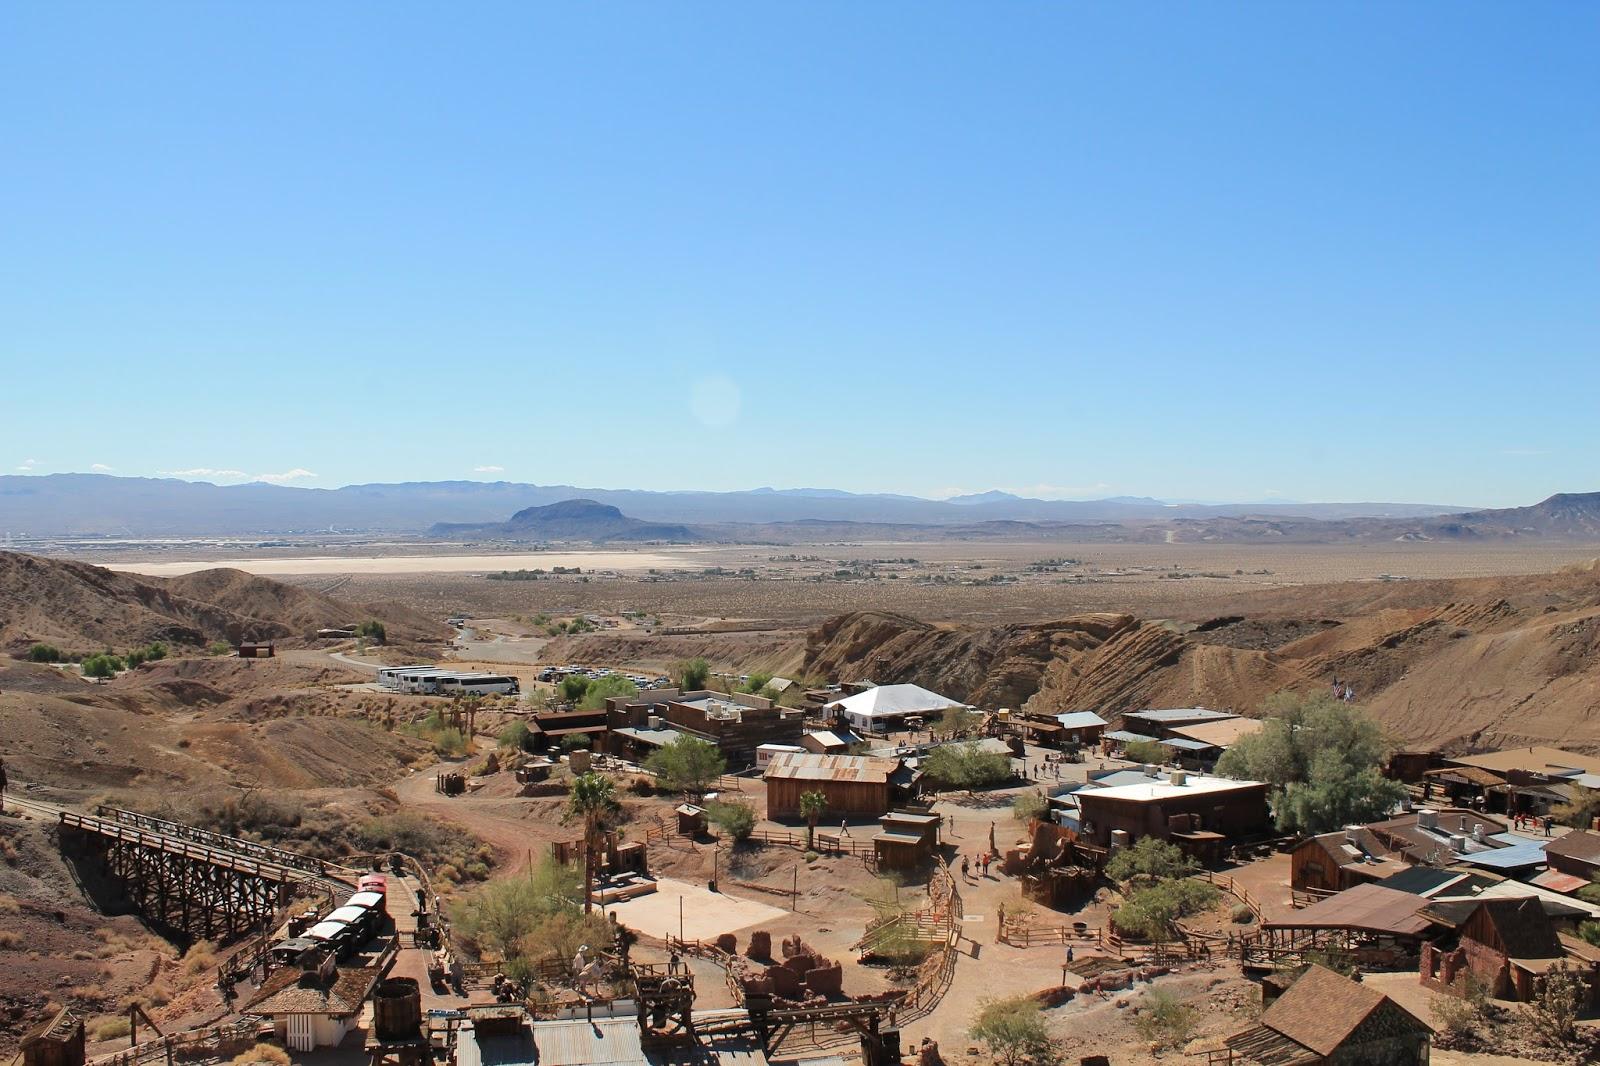 USA états unis amérique vacance transat roadtrip ouest américain calico desert